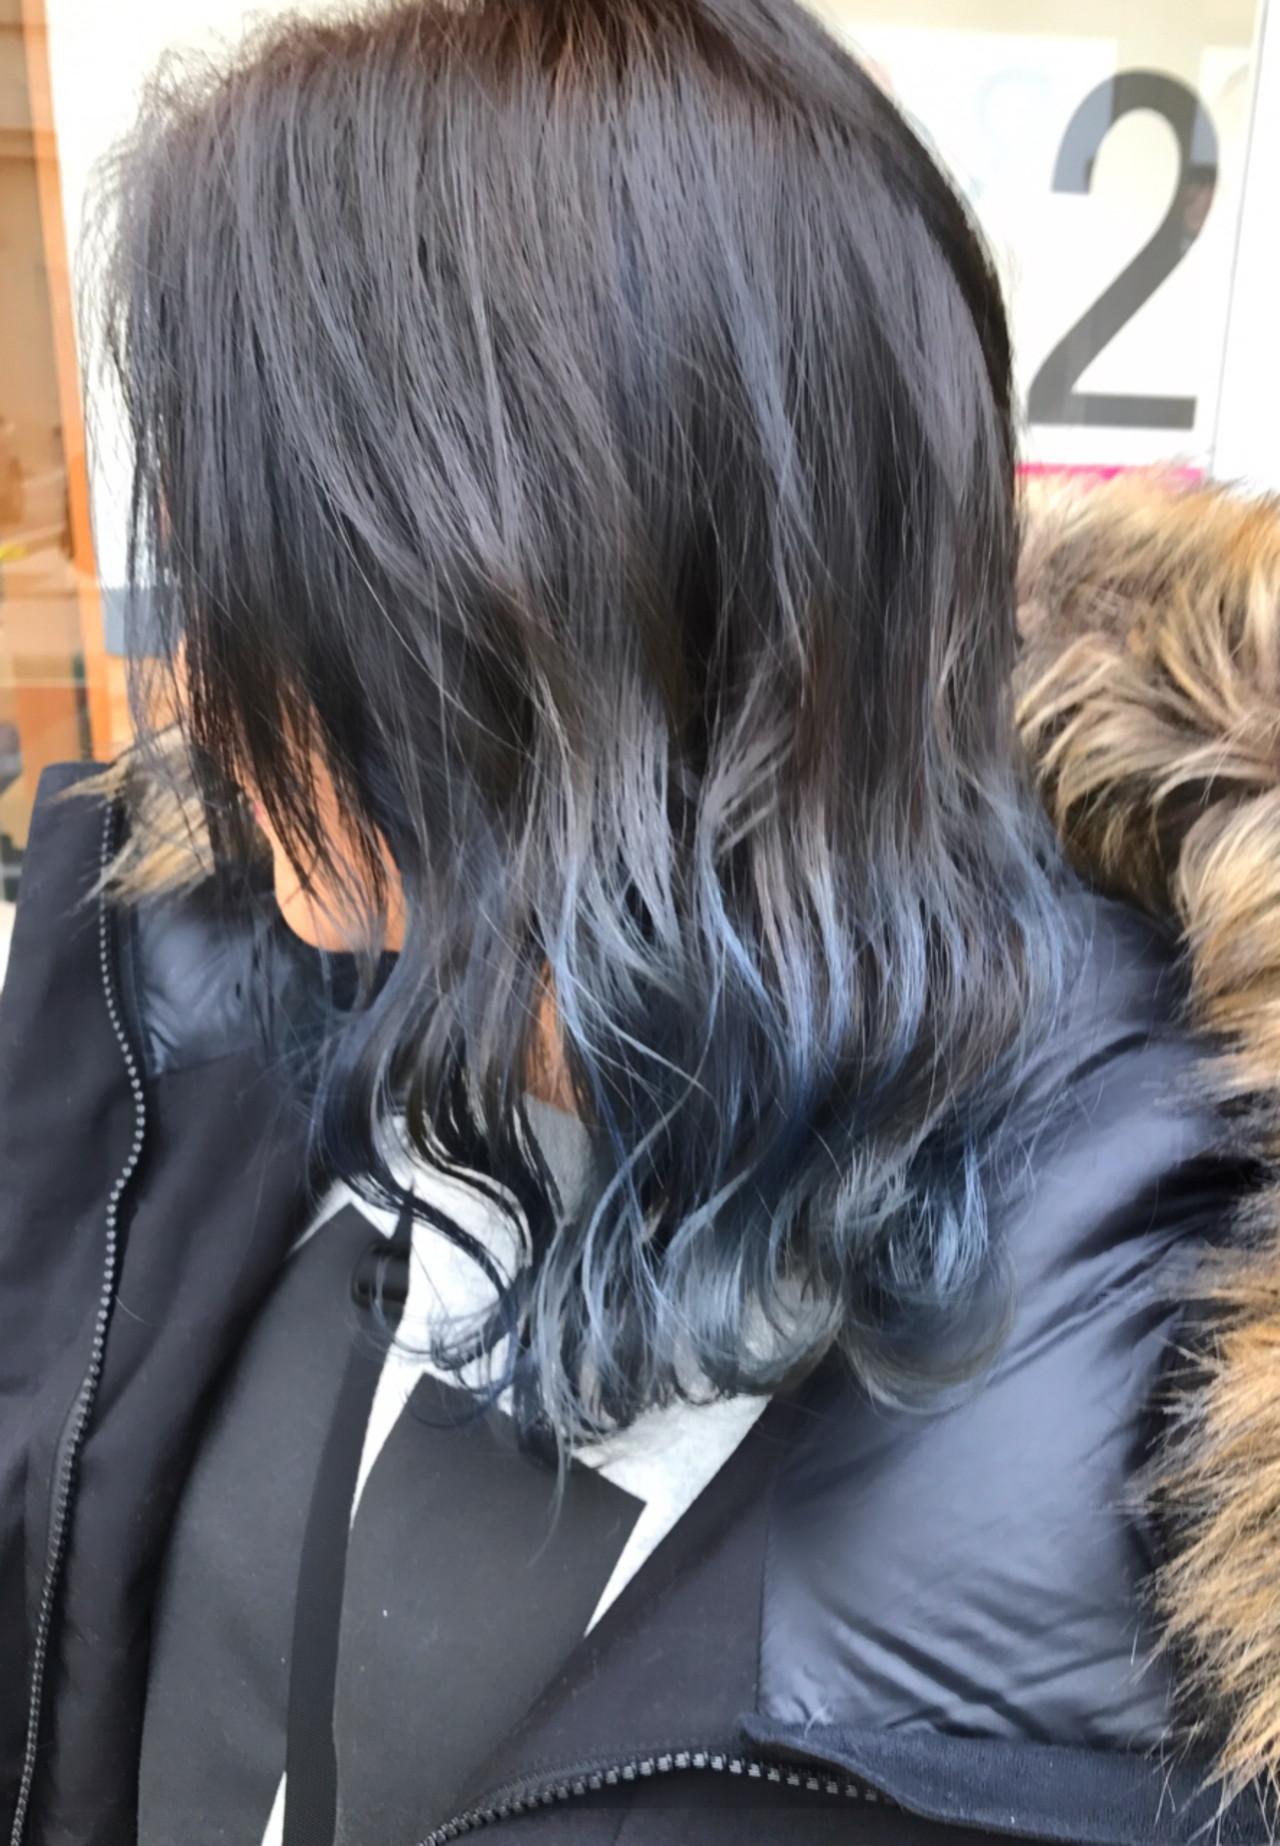 バレイヤージュ セミロング ストリート 簡単ヘアアレンジヘアスタイルや髪型の写真・画像